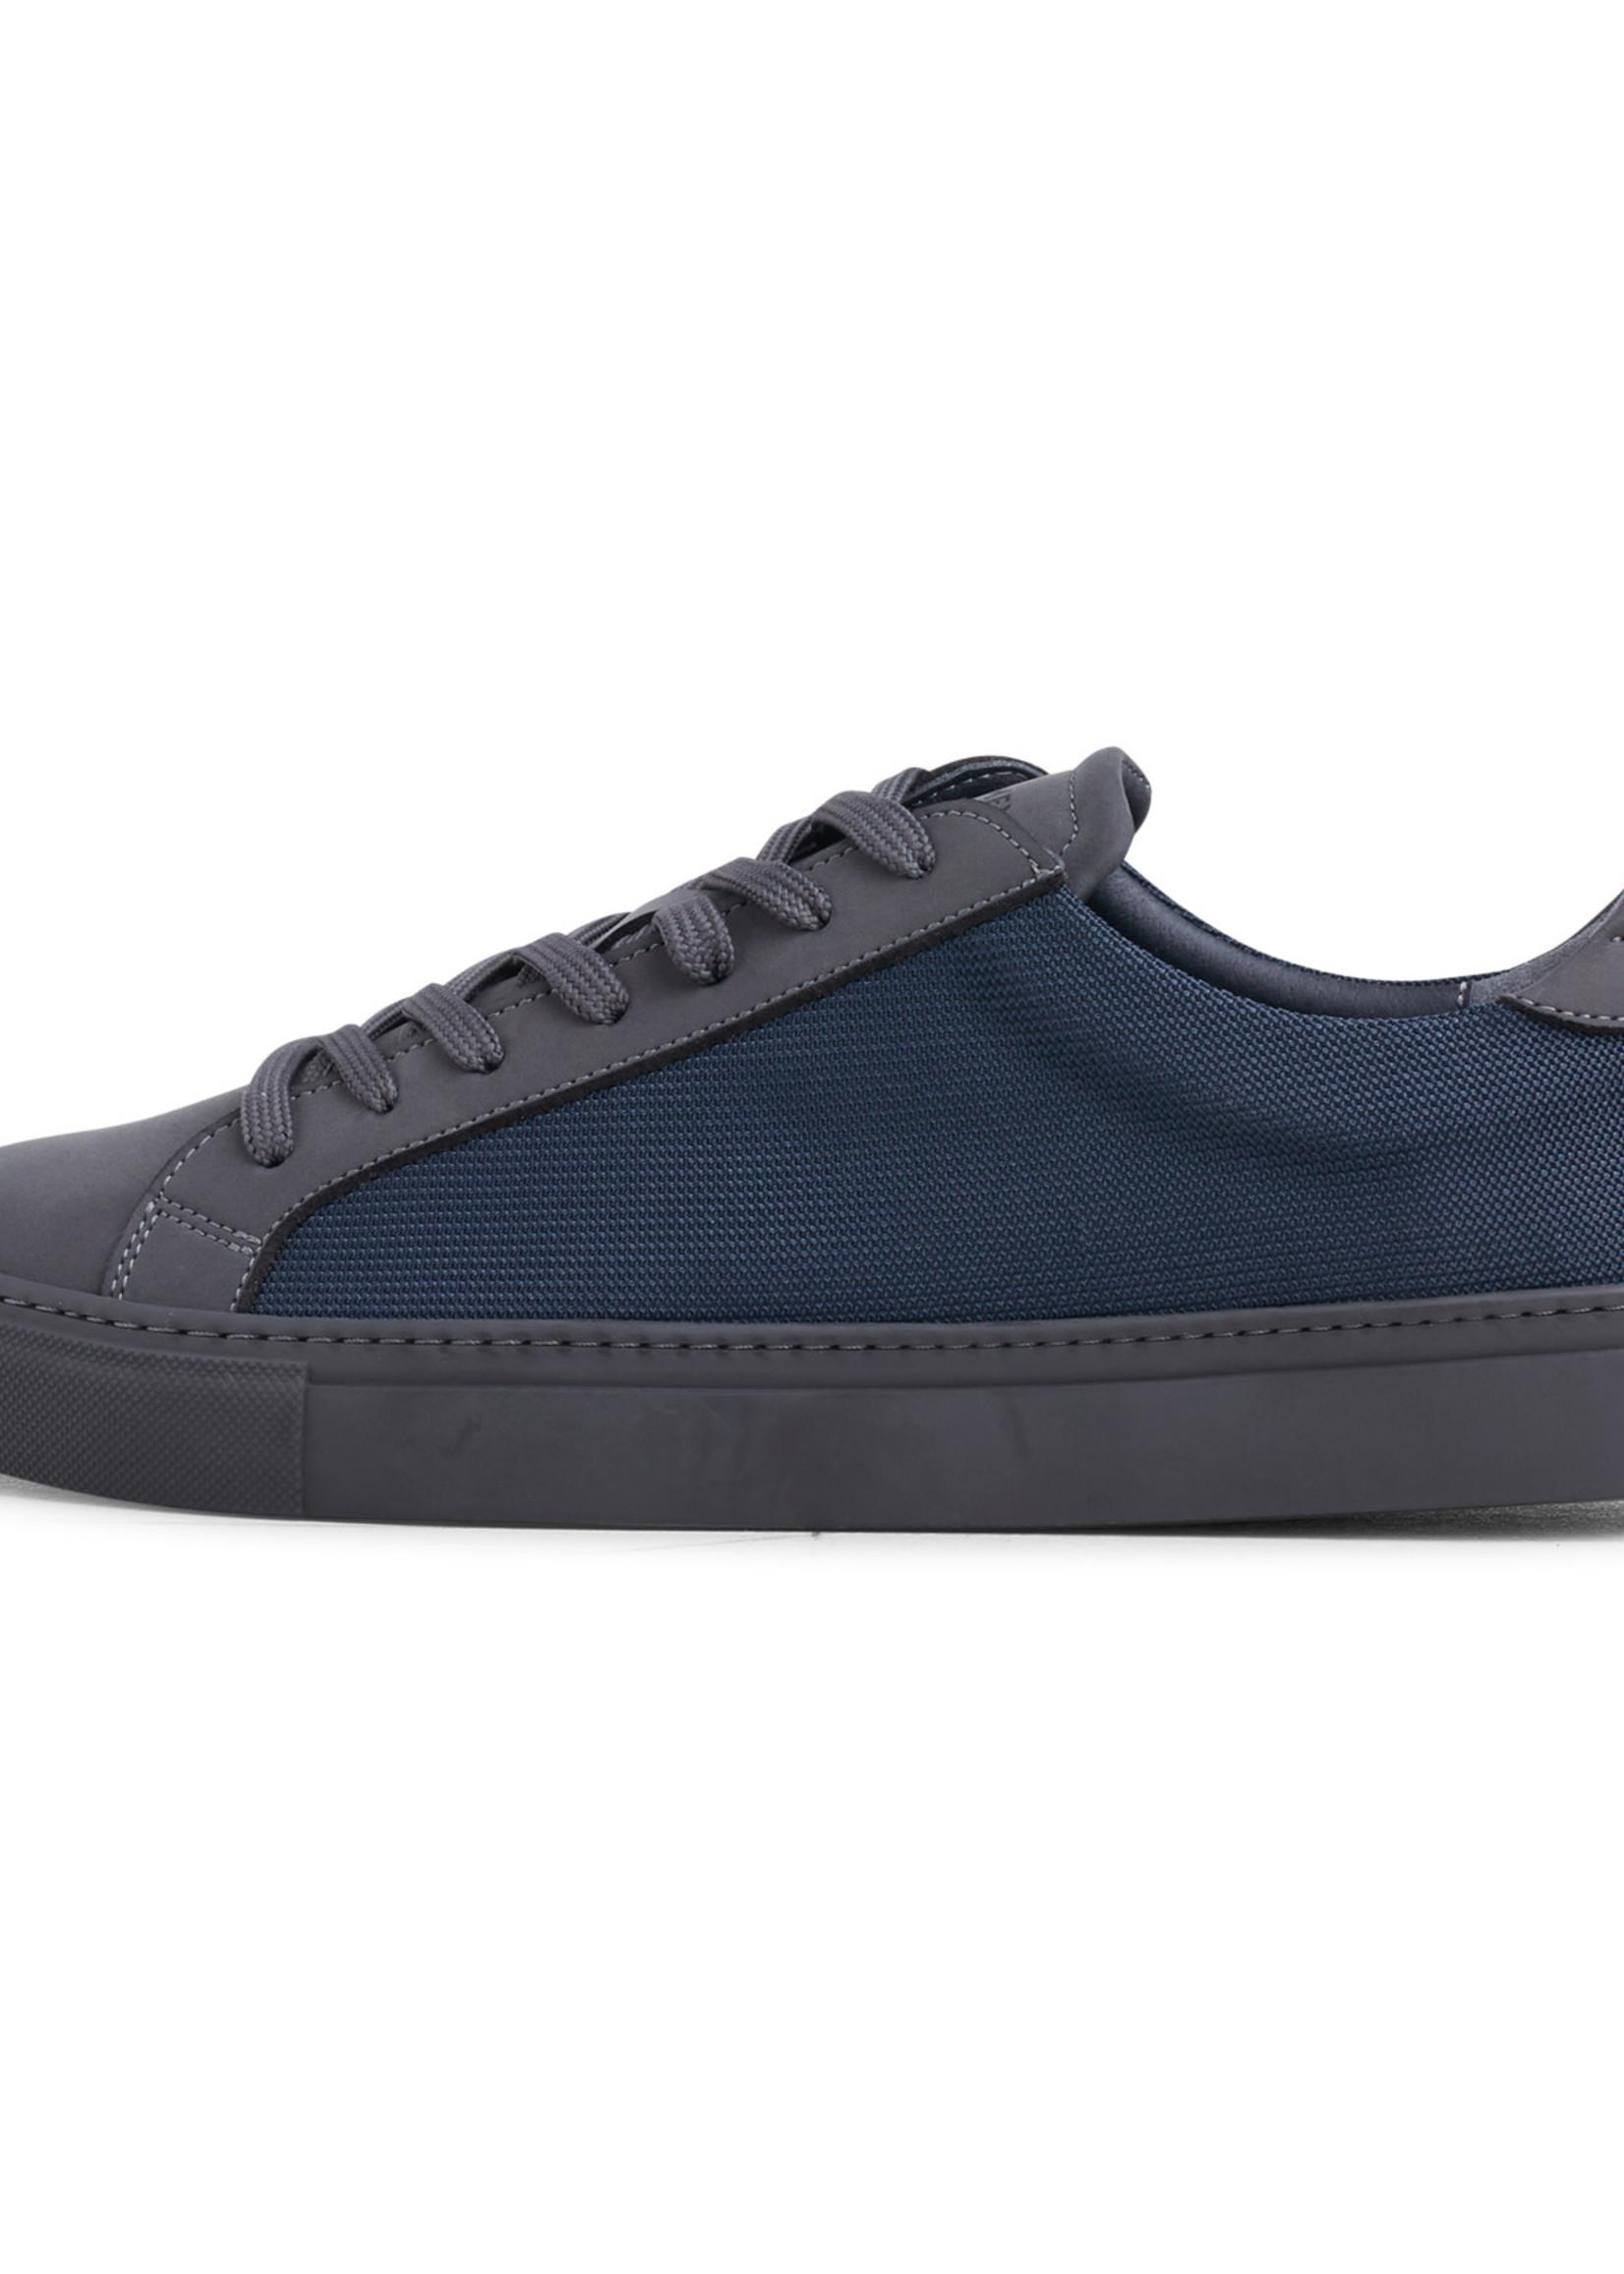 Garment Project Type Sneaker (Blue)